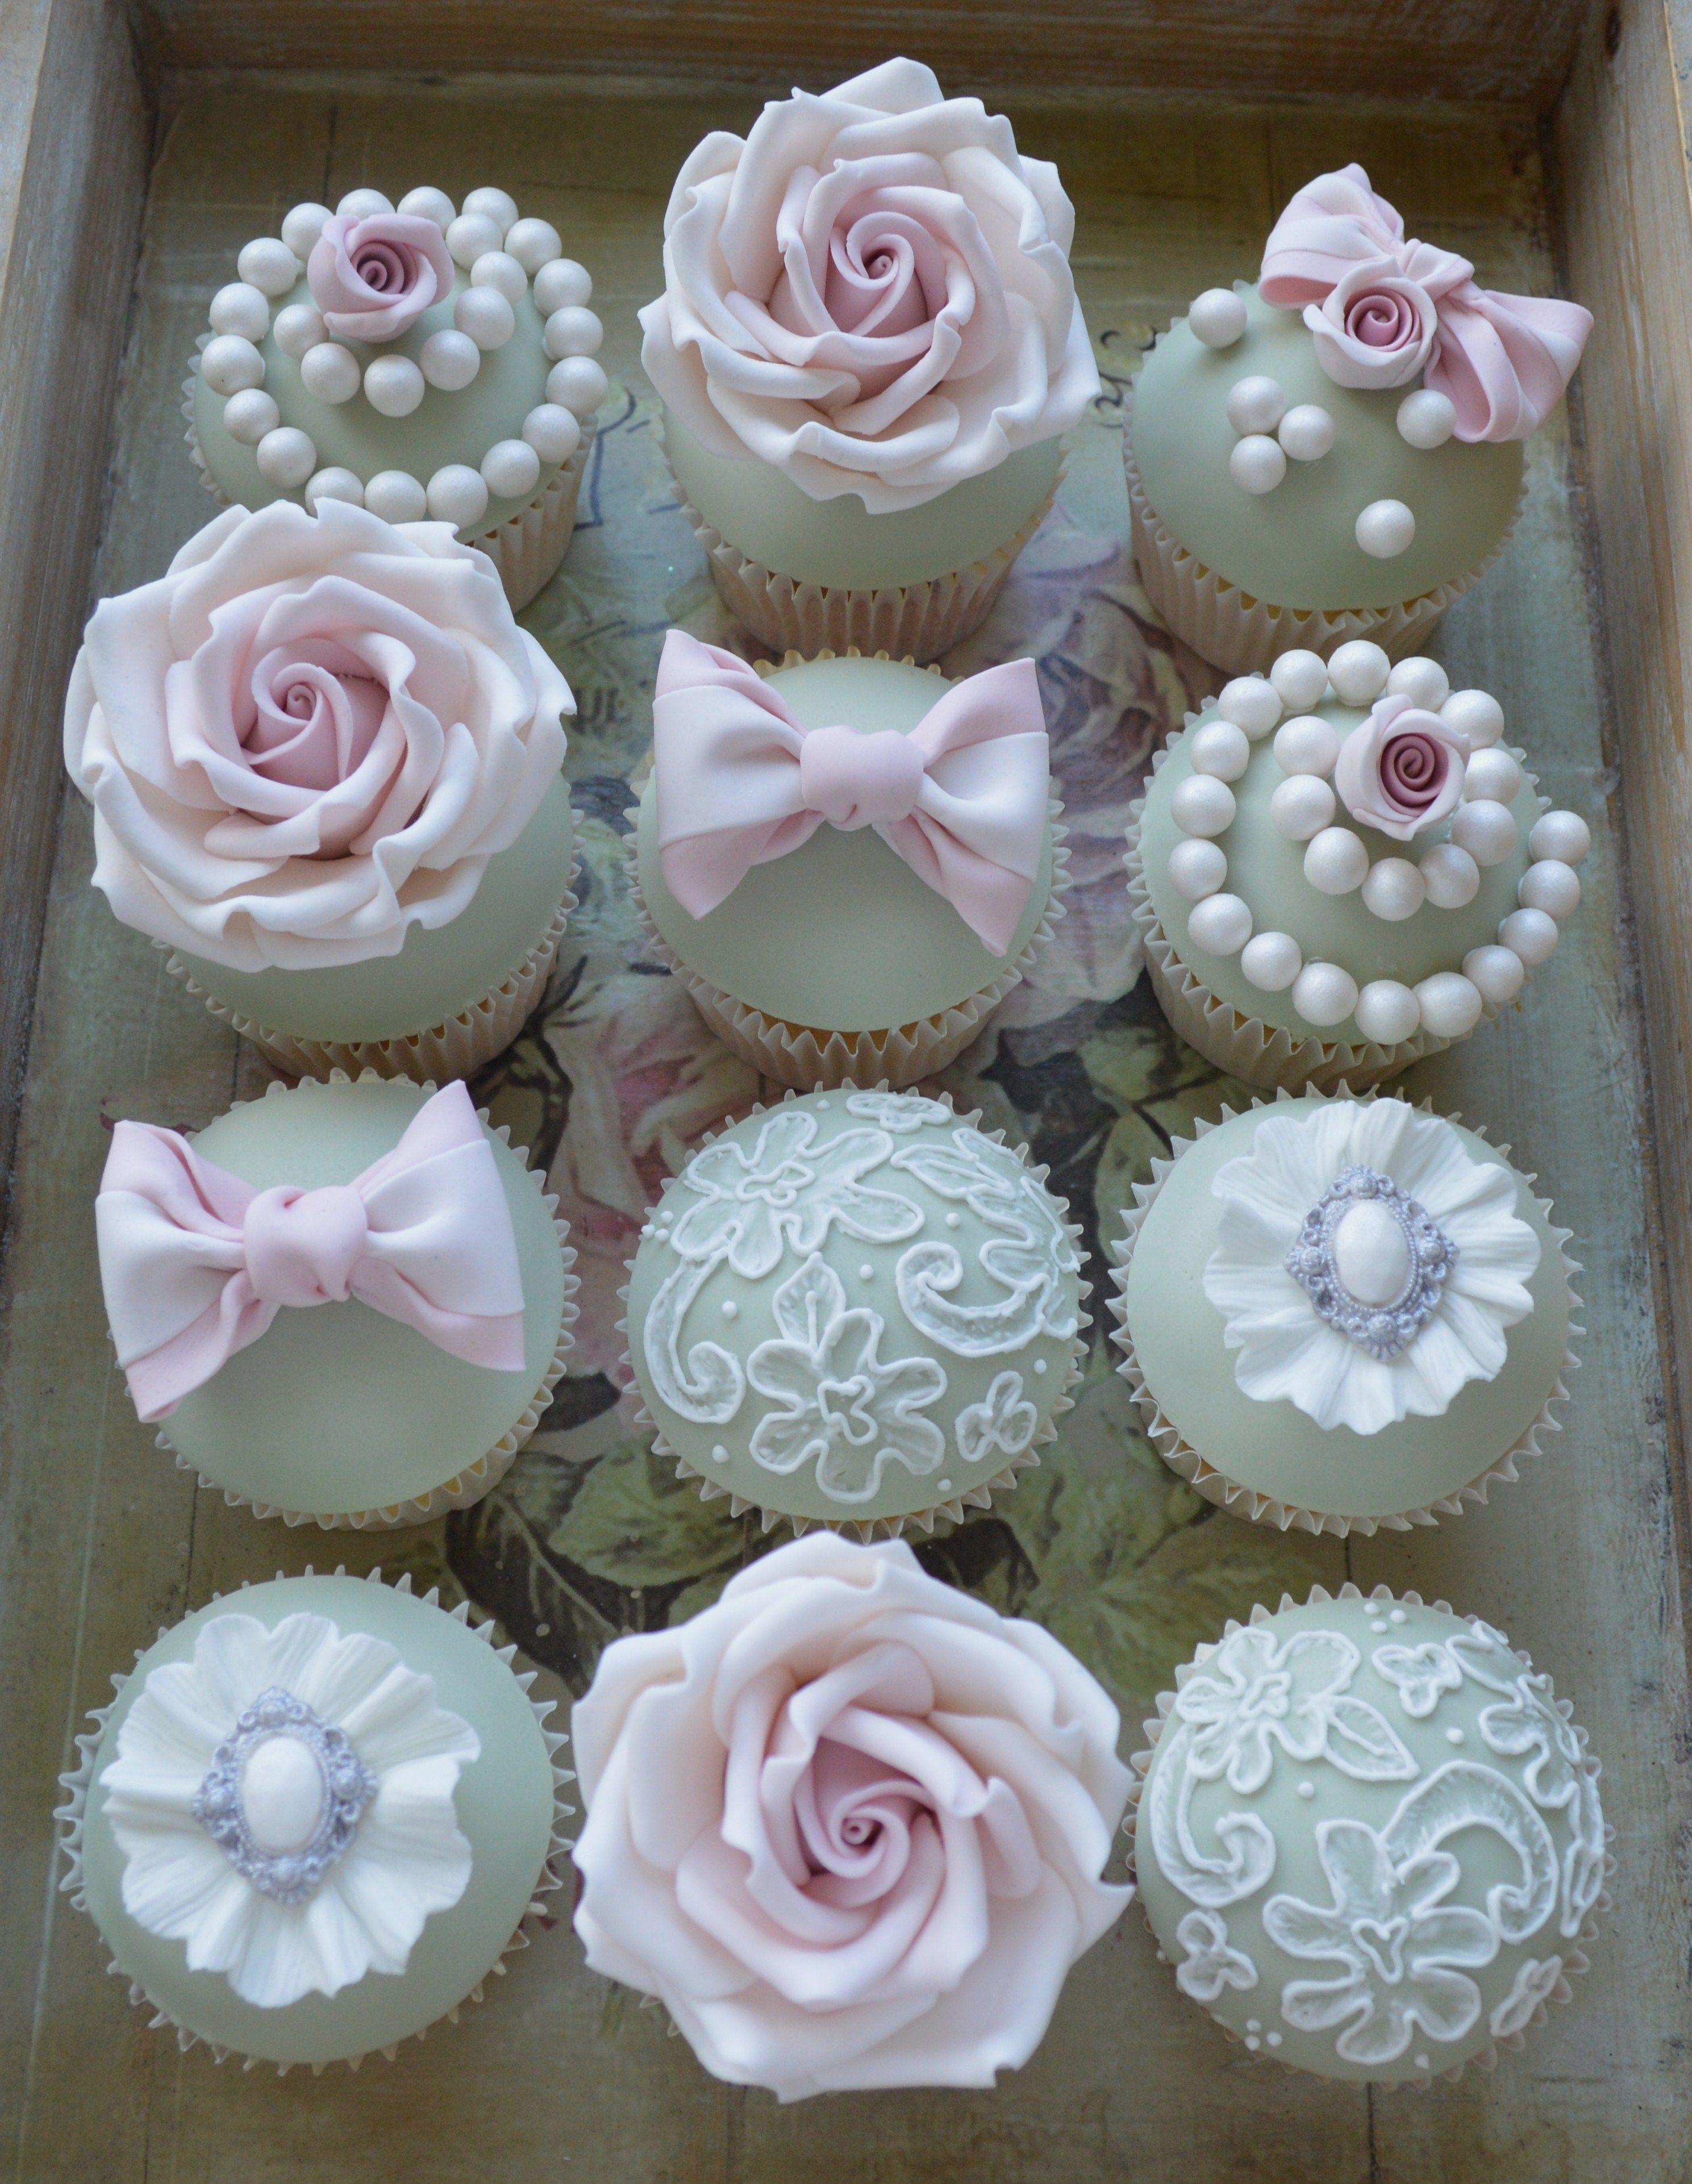 katie cake box wedding cakes wedding favours celebration cakes